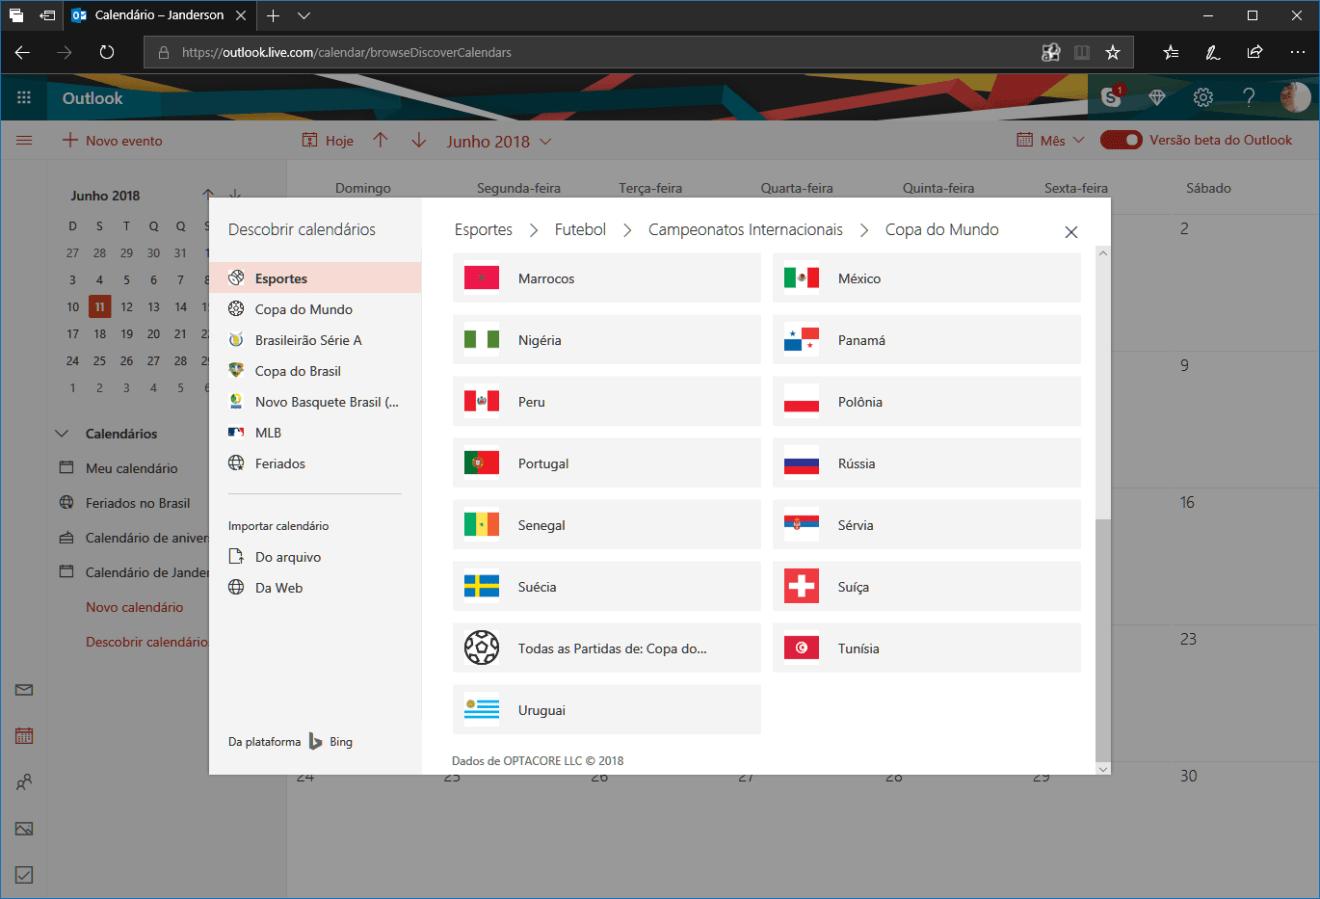 outlook guia 02 - Adicione todos os jogos da Copa do Mundo da Rússia na sua Agenda